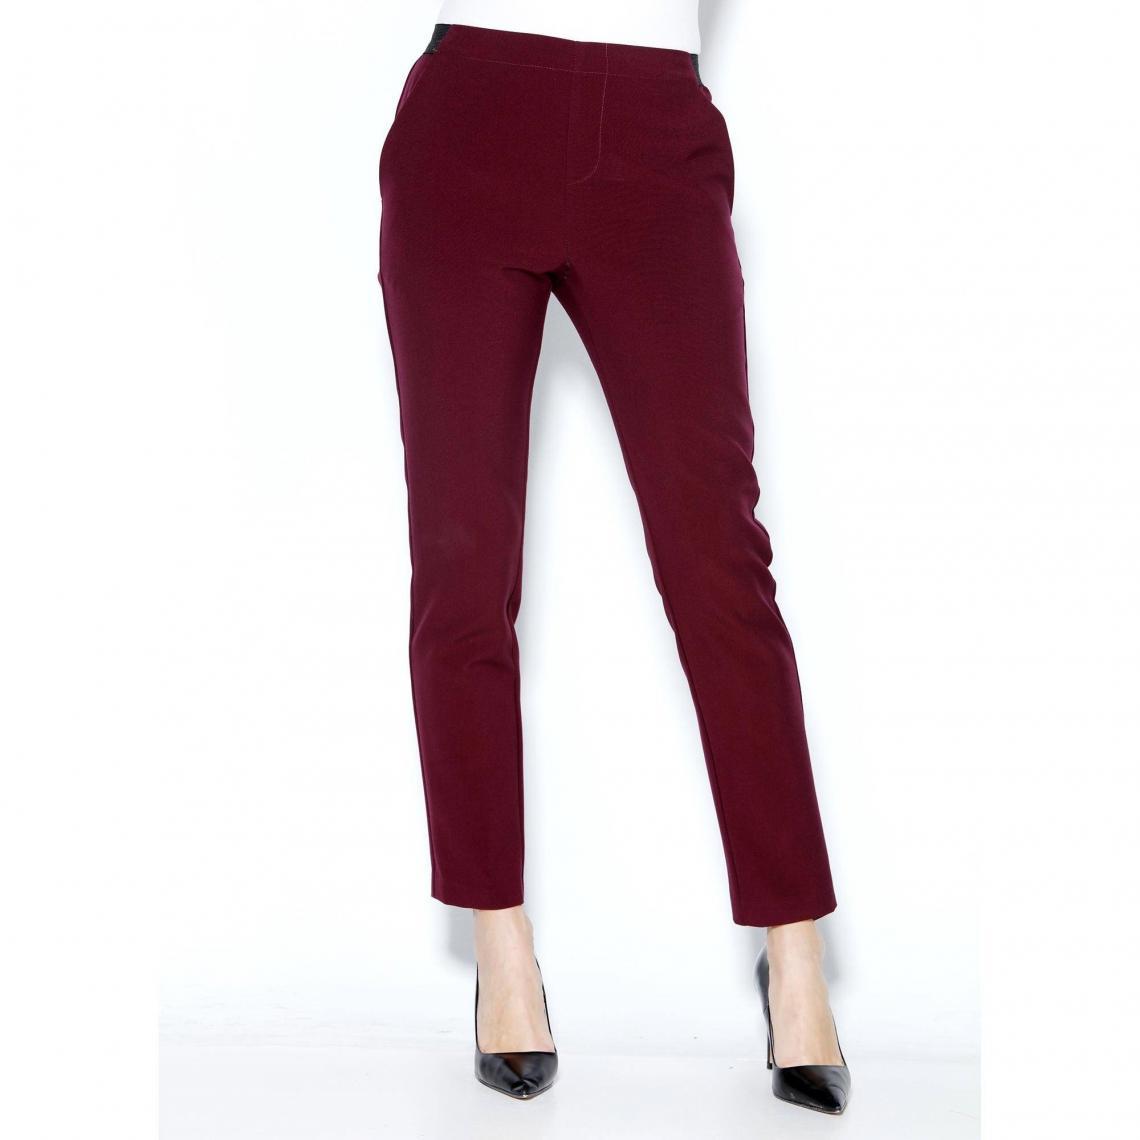 Pantalon 3suisses Exclusivité Taille Femme Et Élastique Dos Pinces T17xqpTS